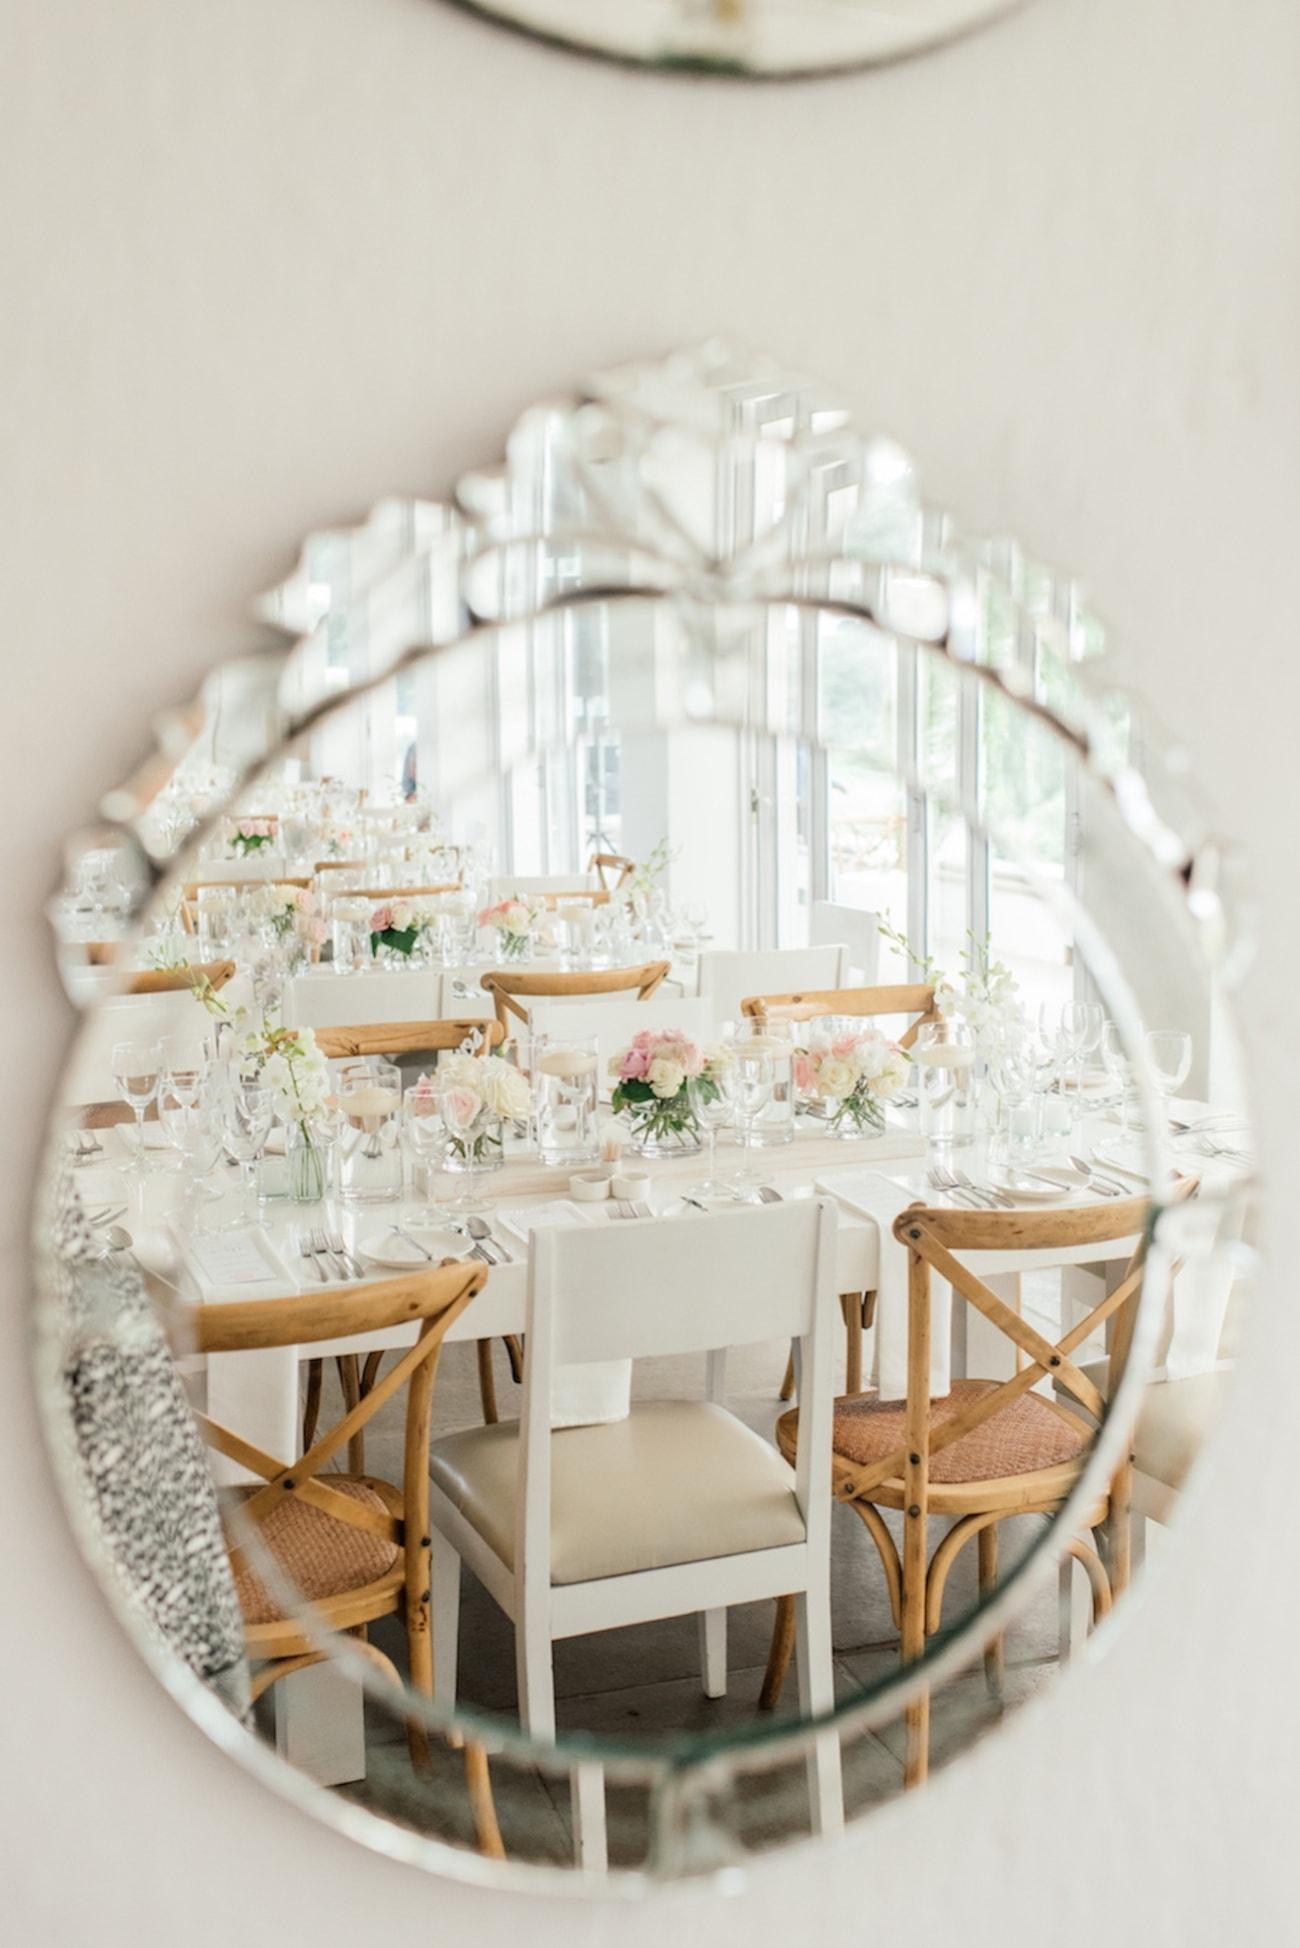 Mirror Wedding Decor   Image: Carla Adel